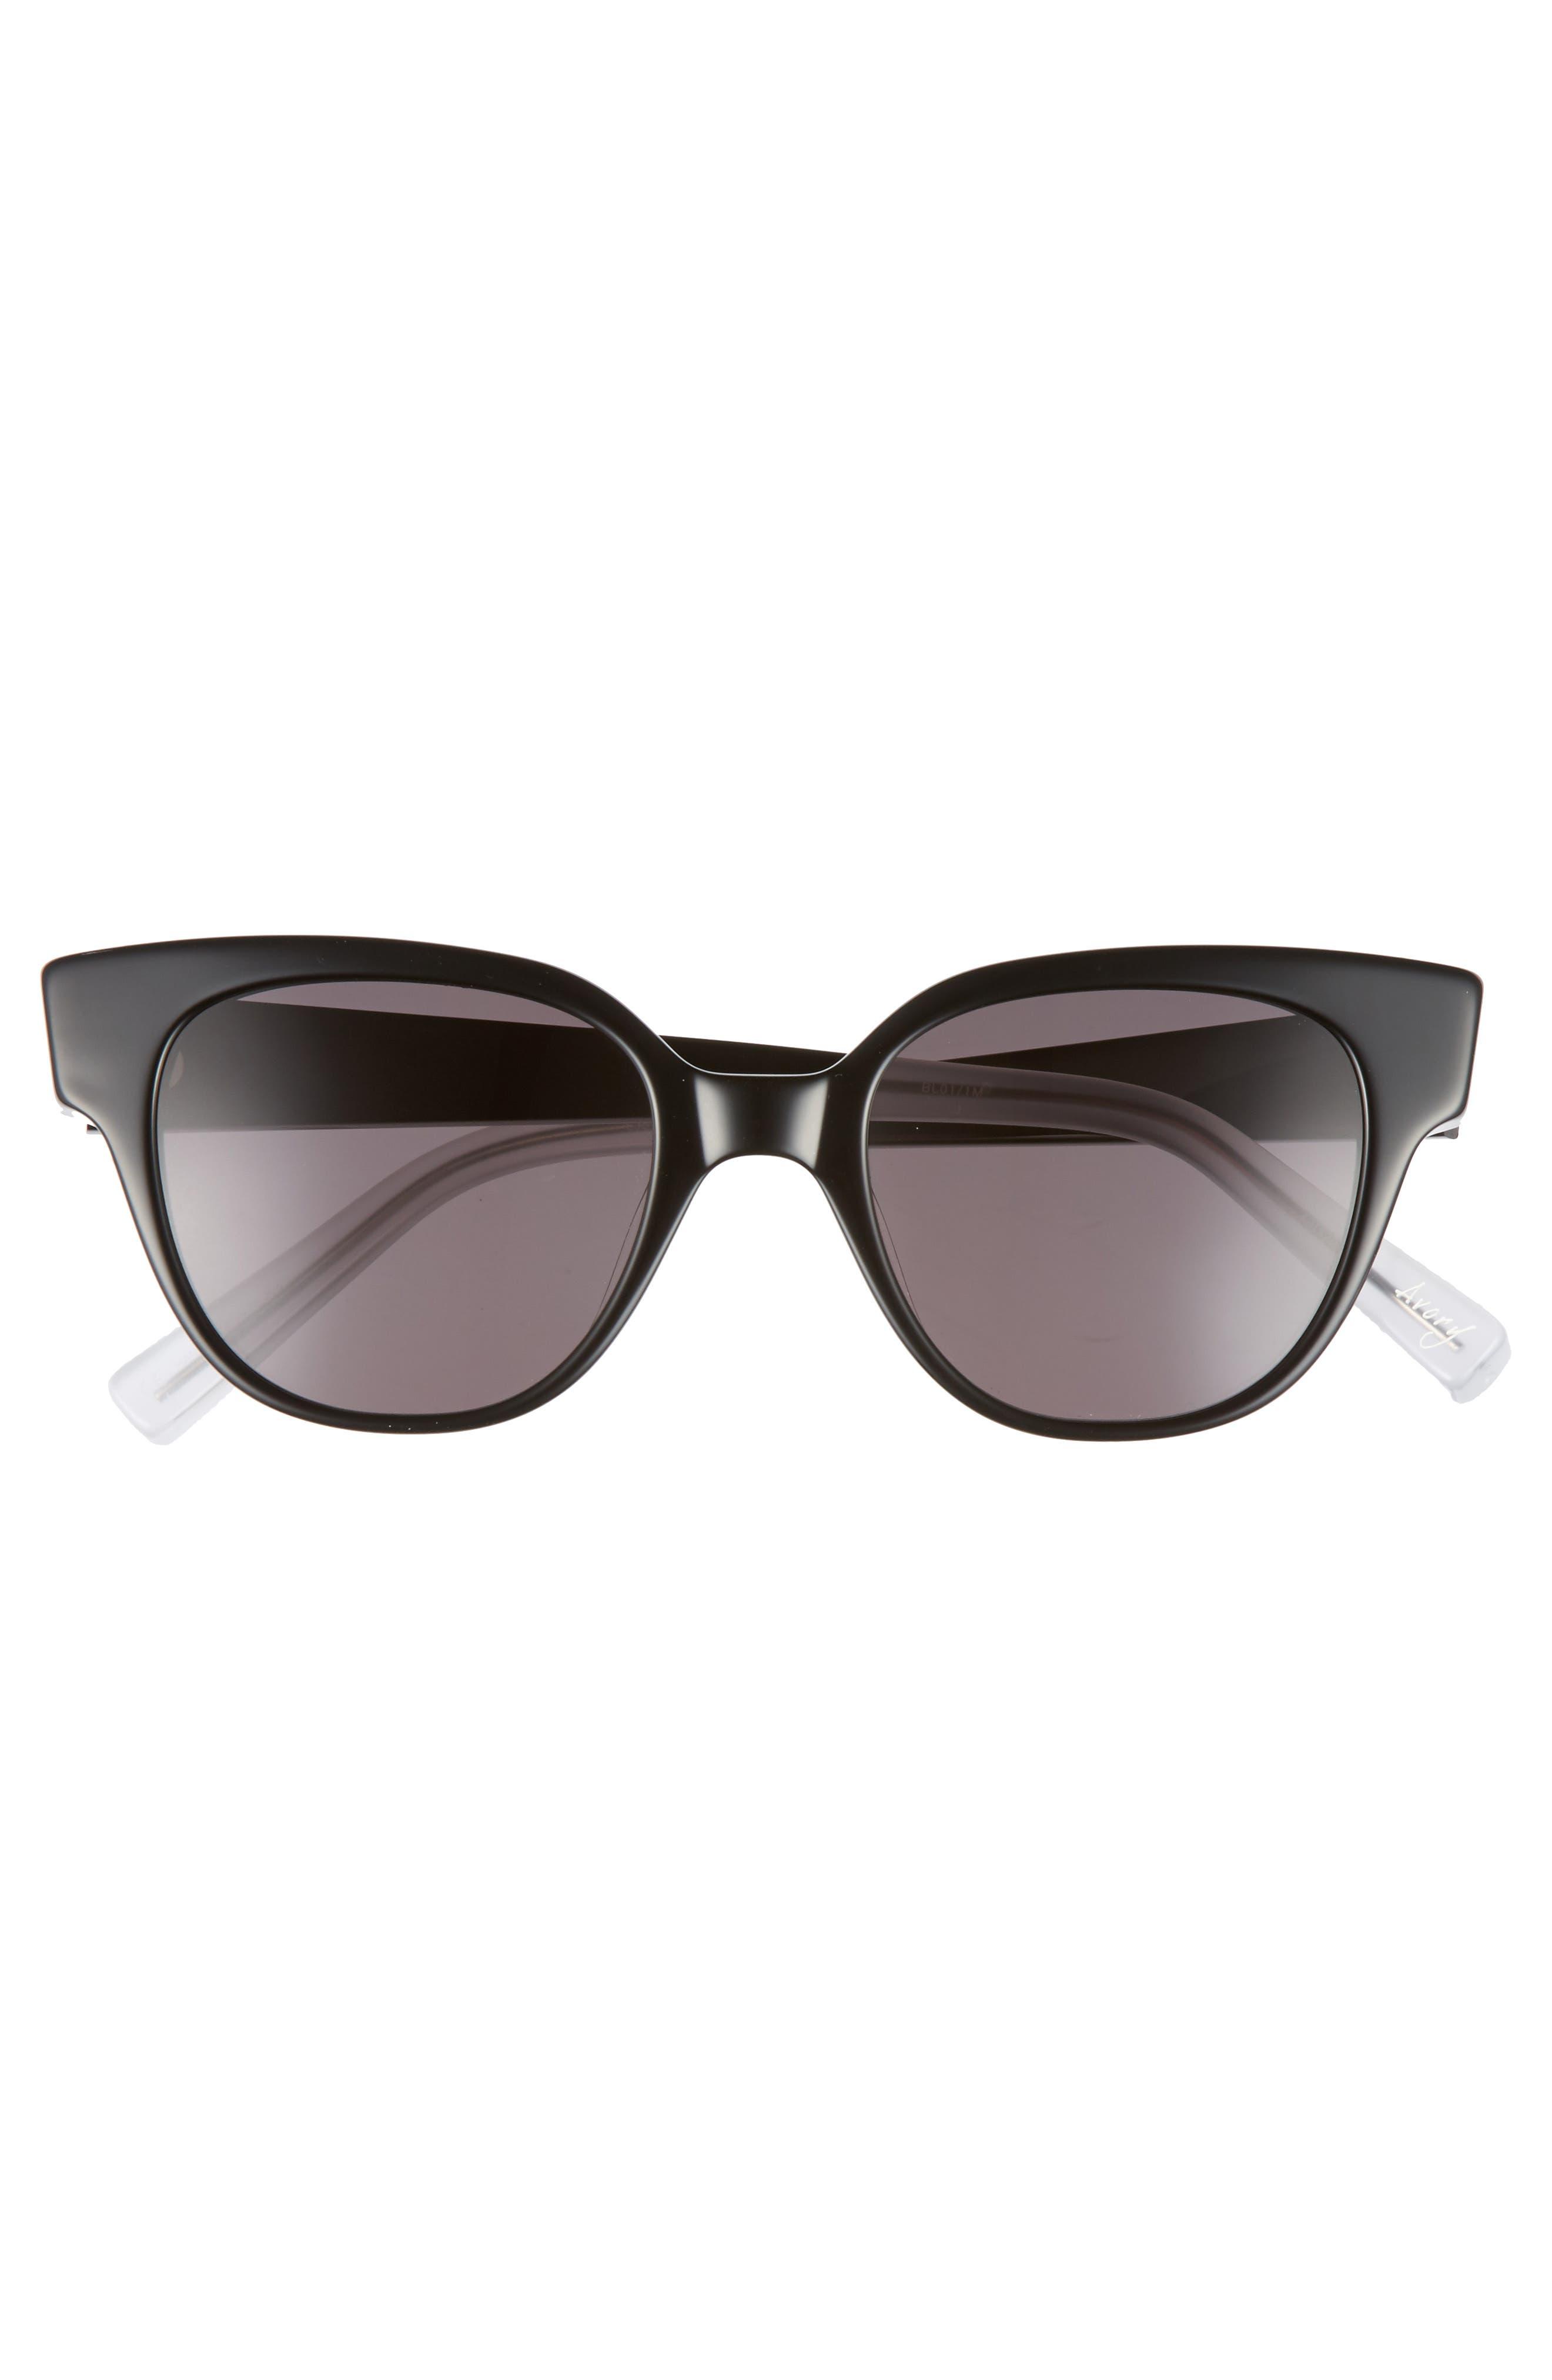 Avory 49mm Cat Eye Sunglasses,                             Alternate thumbnail 5, color,